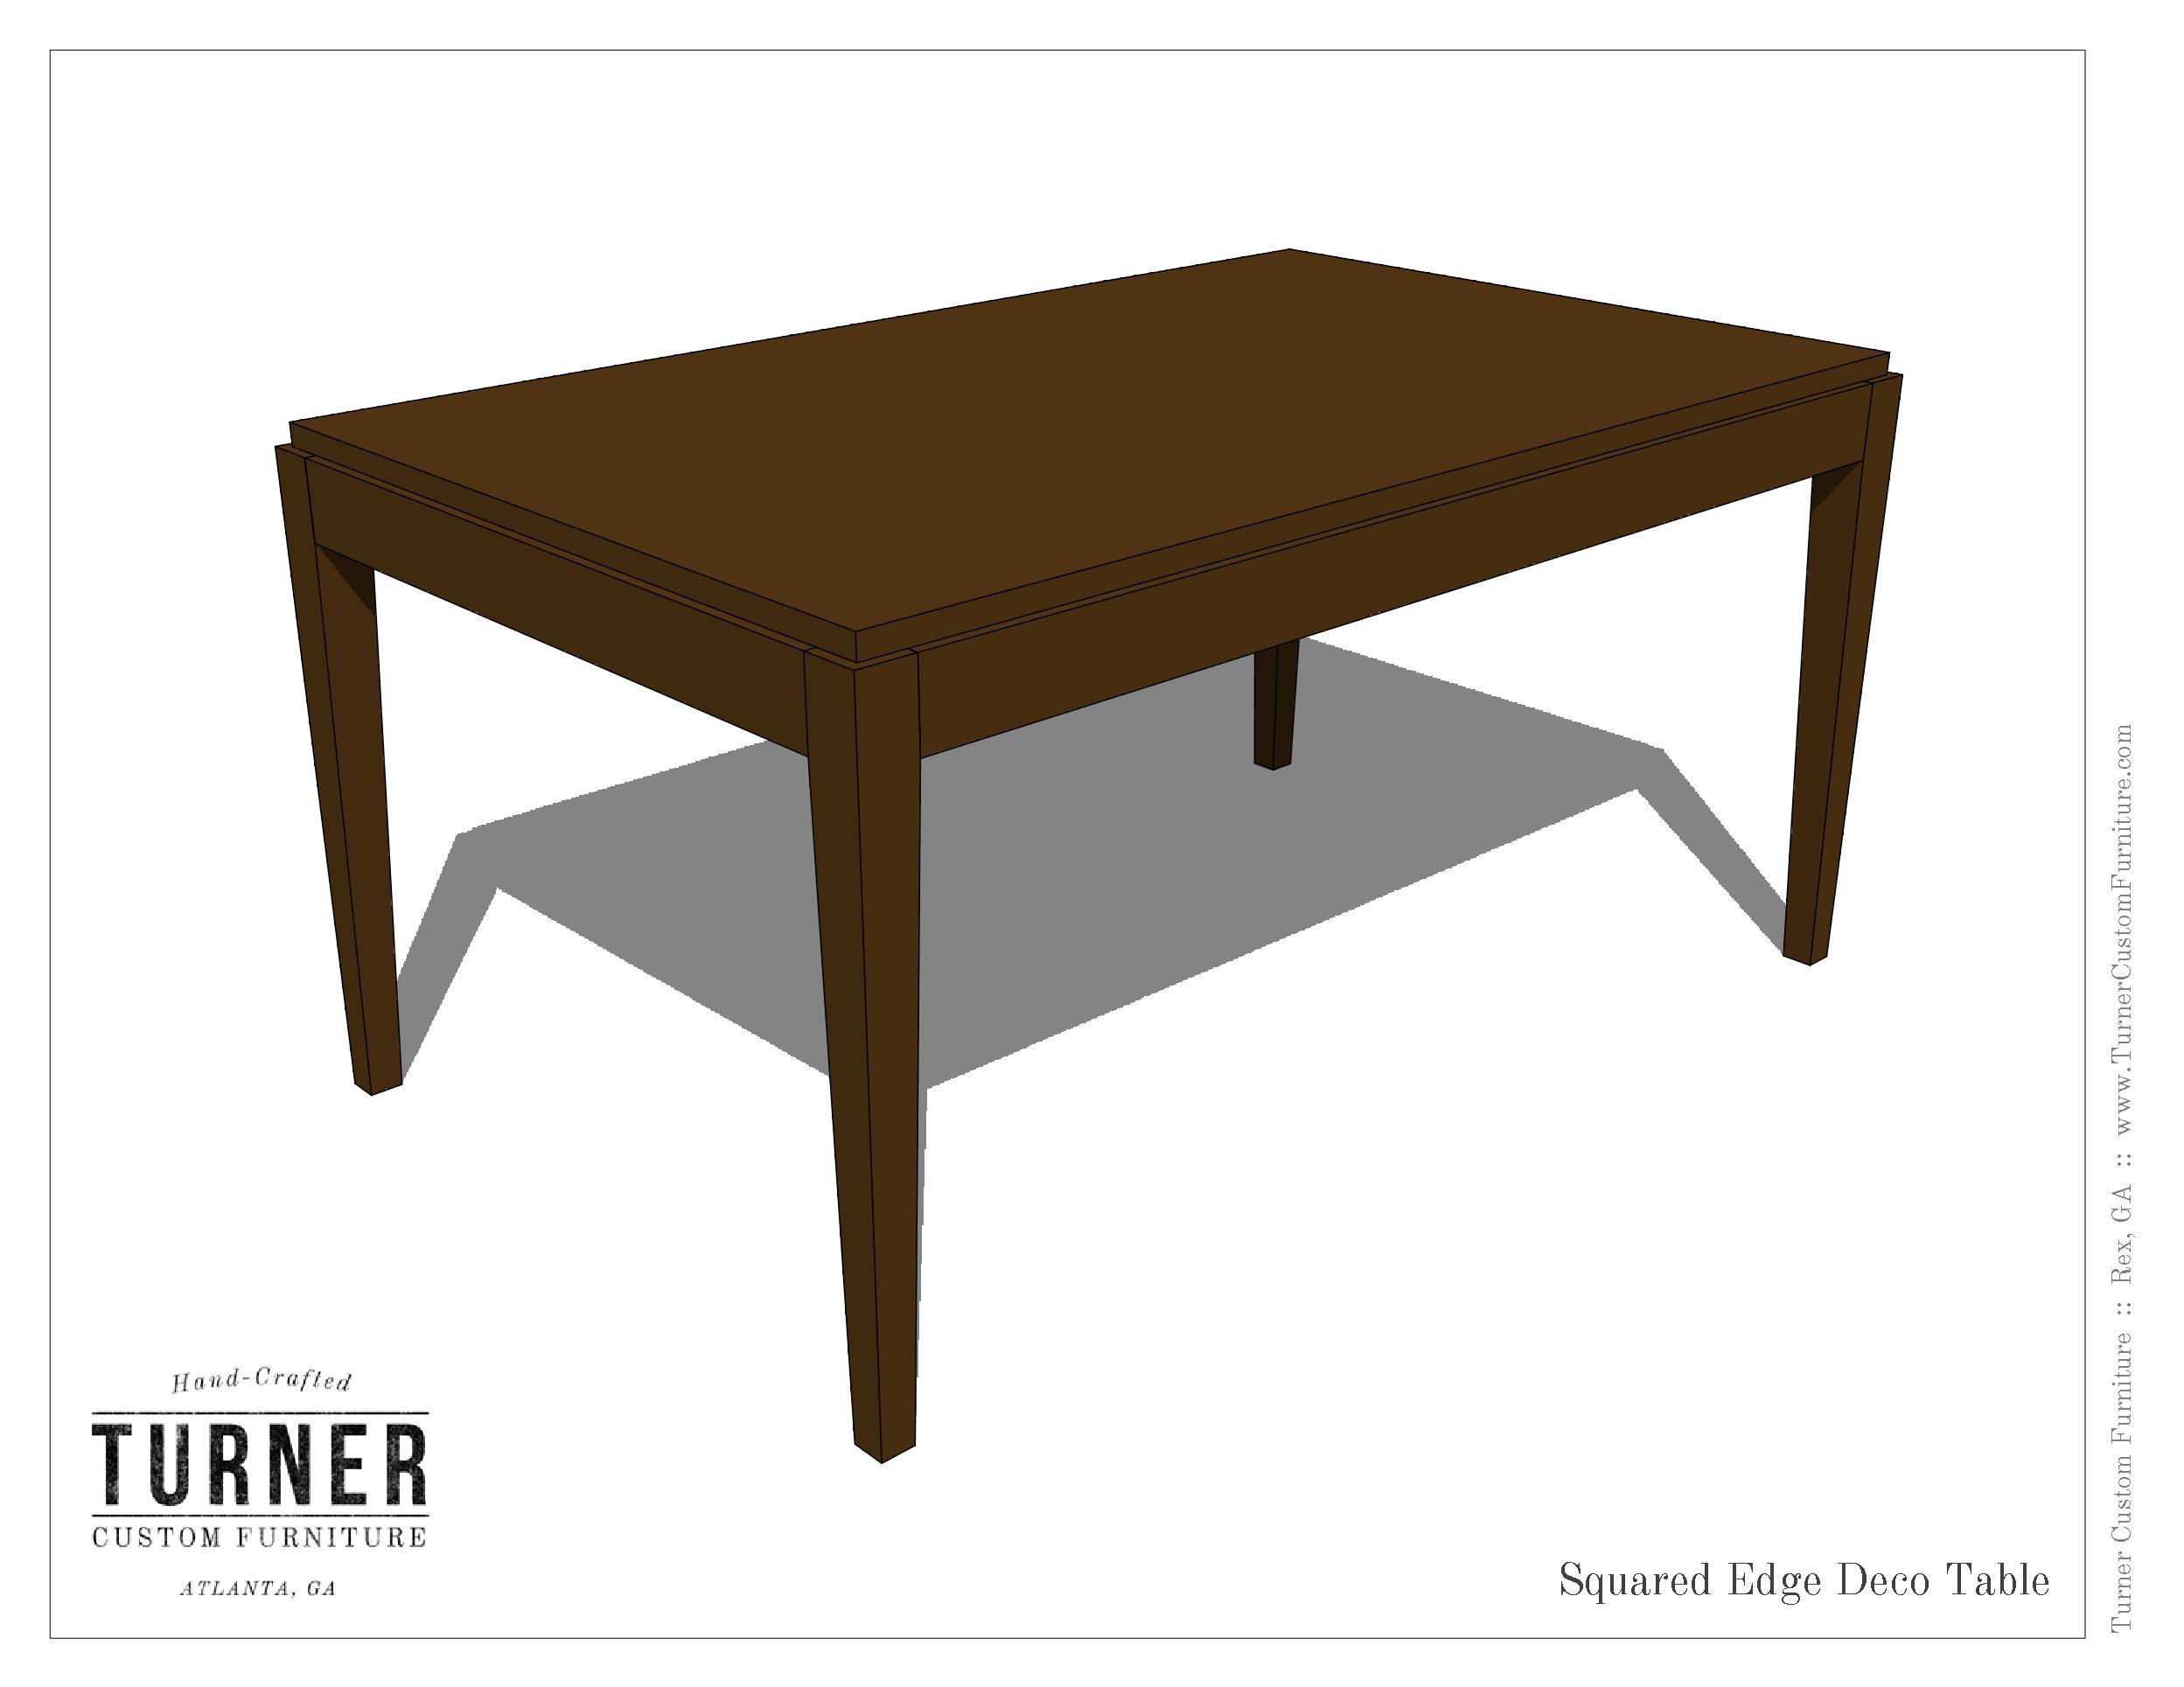 Table Builder_05.jpg